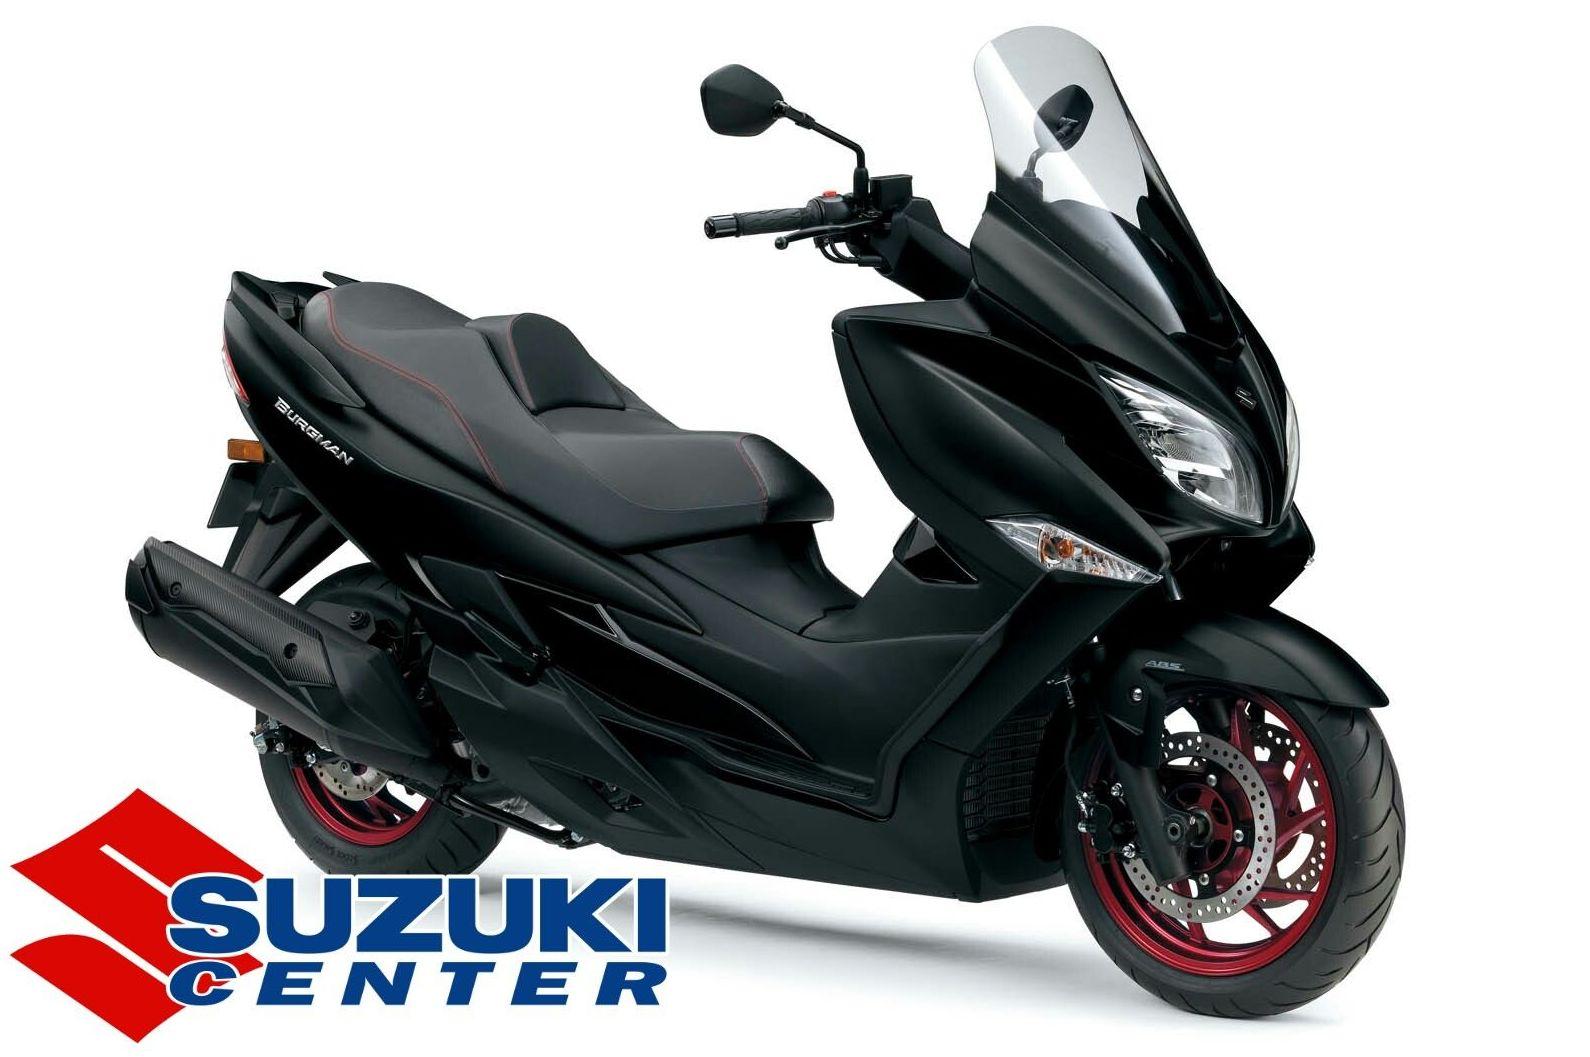 SUZUKI BURGMAN 400: Motos, boutique y accesorios. de Suzuki Center (San Sebastian de los Reyes)